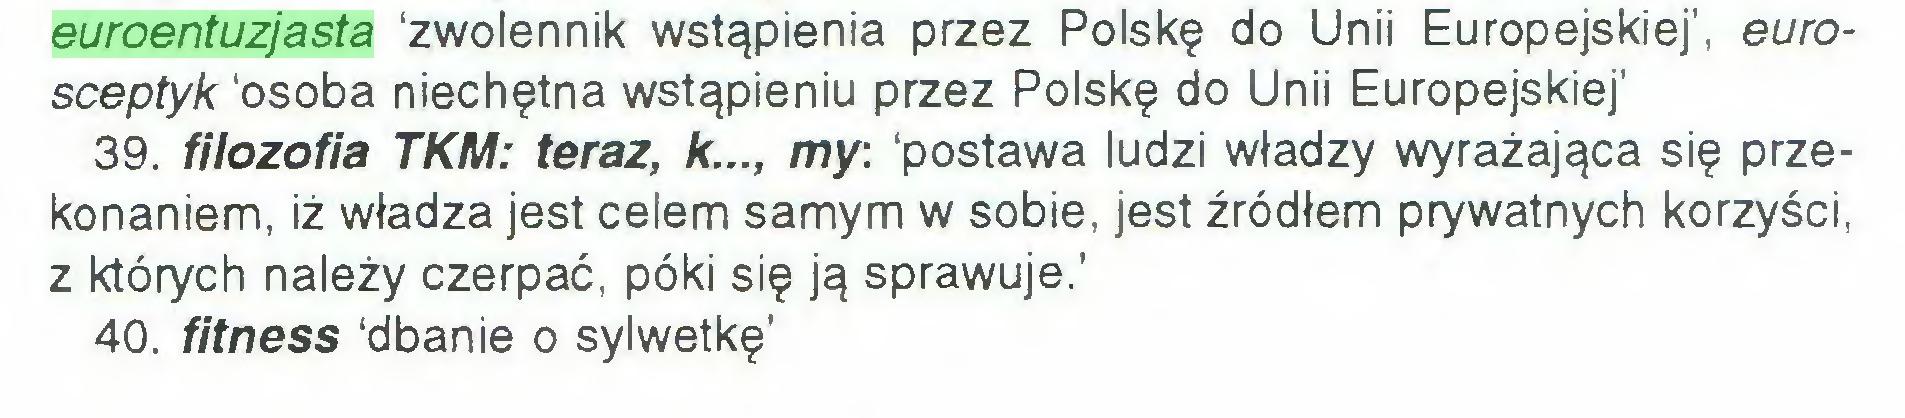 (...) euroentuzjasta 'zwolennik wstąpienia przez Polskę do Unii Europejskiej', eurosceptyk 'osoba niechętna wstąpieniu przez Polskę do Unii Europejskiej' 39. filozofia TKM: teraz, k..., my: 'postawa ludzi władzy wyrażająca się przekonaniem, iż władza jest celem samym w sobie, jest źródłem prywatnych korzyści, z których należy czerpać, póki się ją sprawuje.' 40. fitness 'dbanie o sylwetkę'...